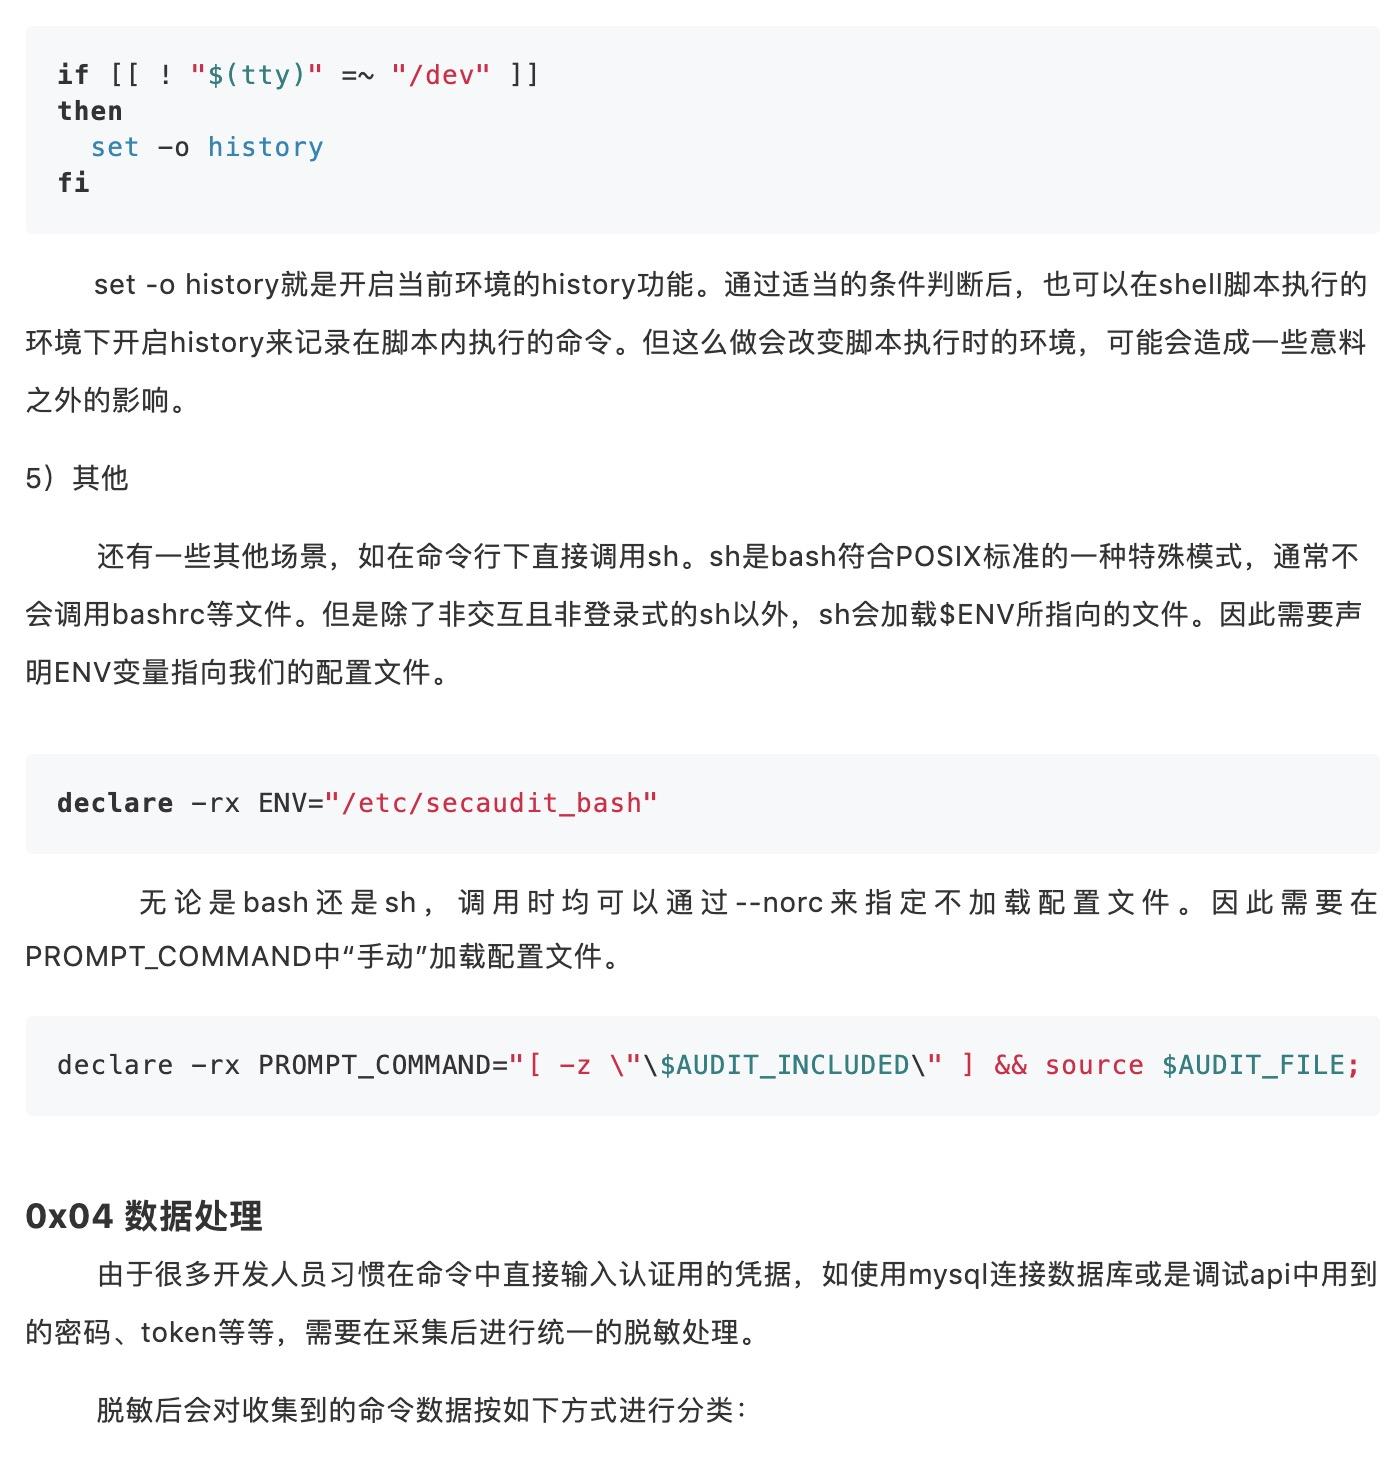 https://momo-mmsrc.oss-cn-hangzhou.aliyuncs.com/img-6817d547-b985-32a4-8522-e6ccf1c4a82b.jpeg